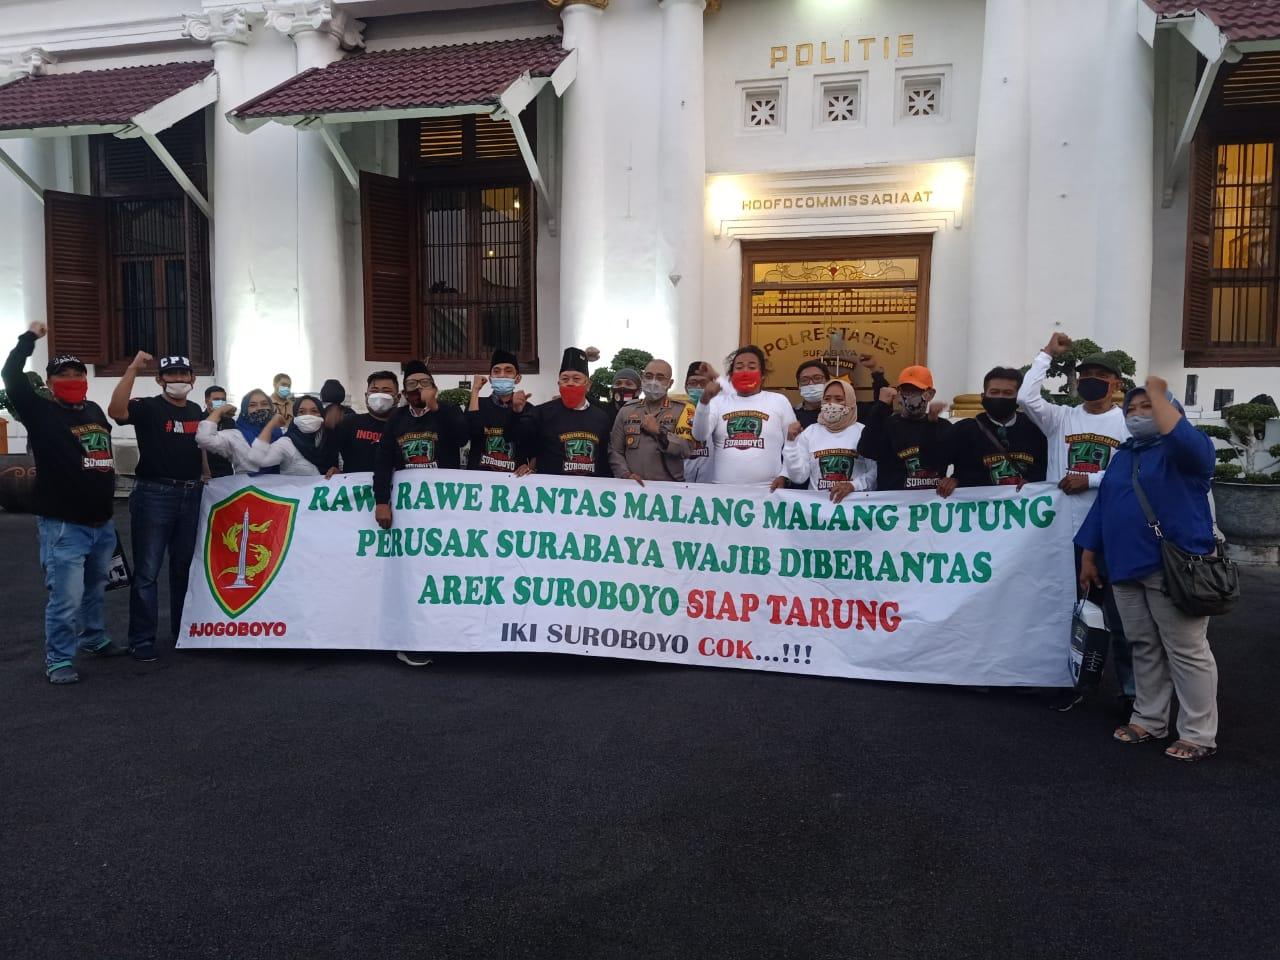 Jogoboyo Pasang Badan Bantu Polisi Jaga Dan Amankan Surabaya Dari Anarkisme Demonstran